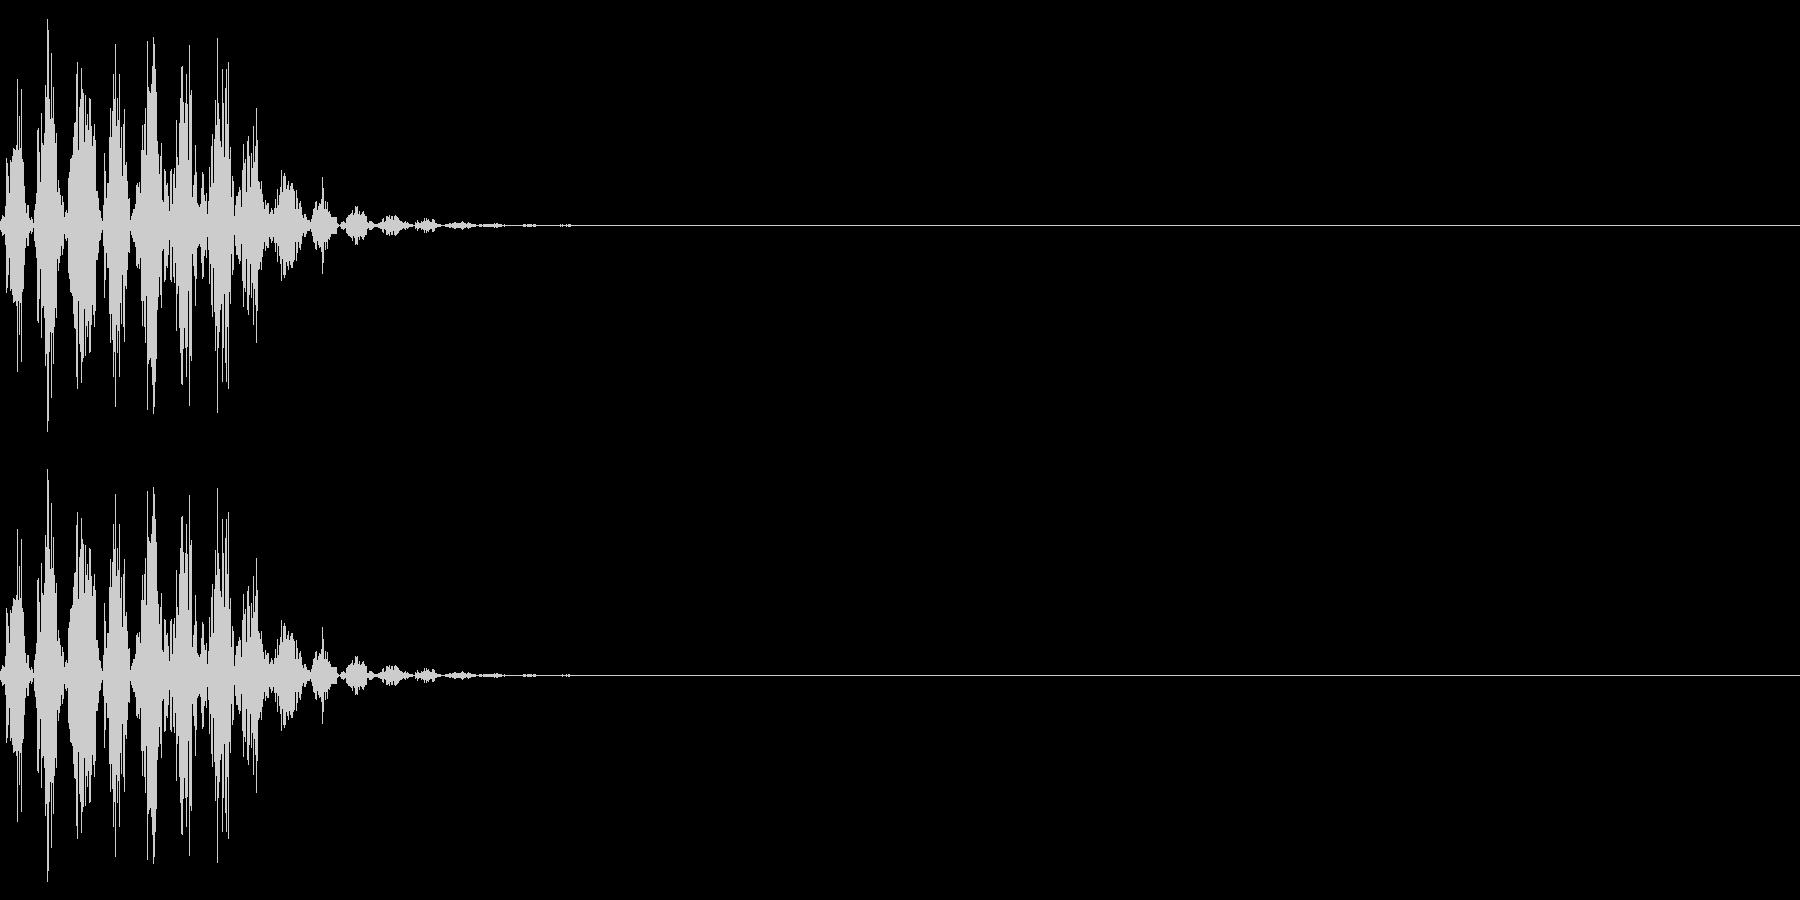 打撃音(マイナス_ダメージ_短い)の未再生の波形